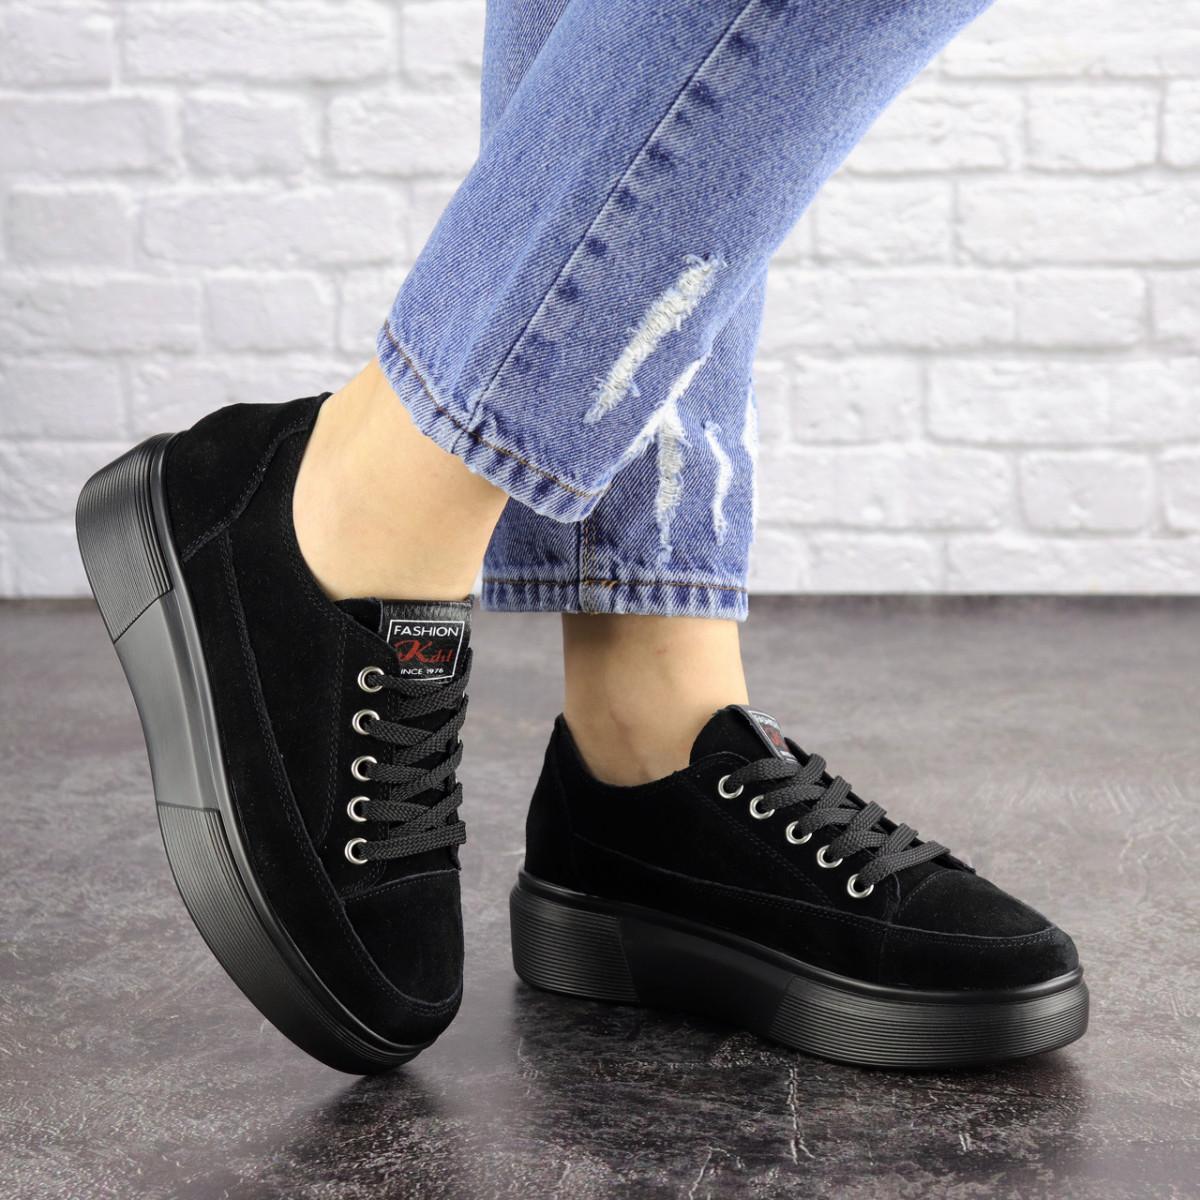 Женские черные замшевые кроссовки Ruby 1689 (38 размер)